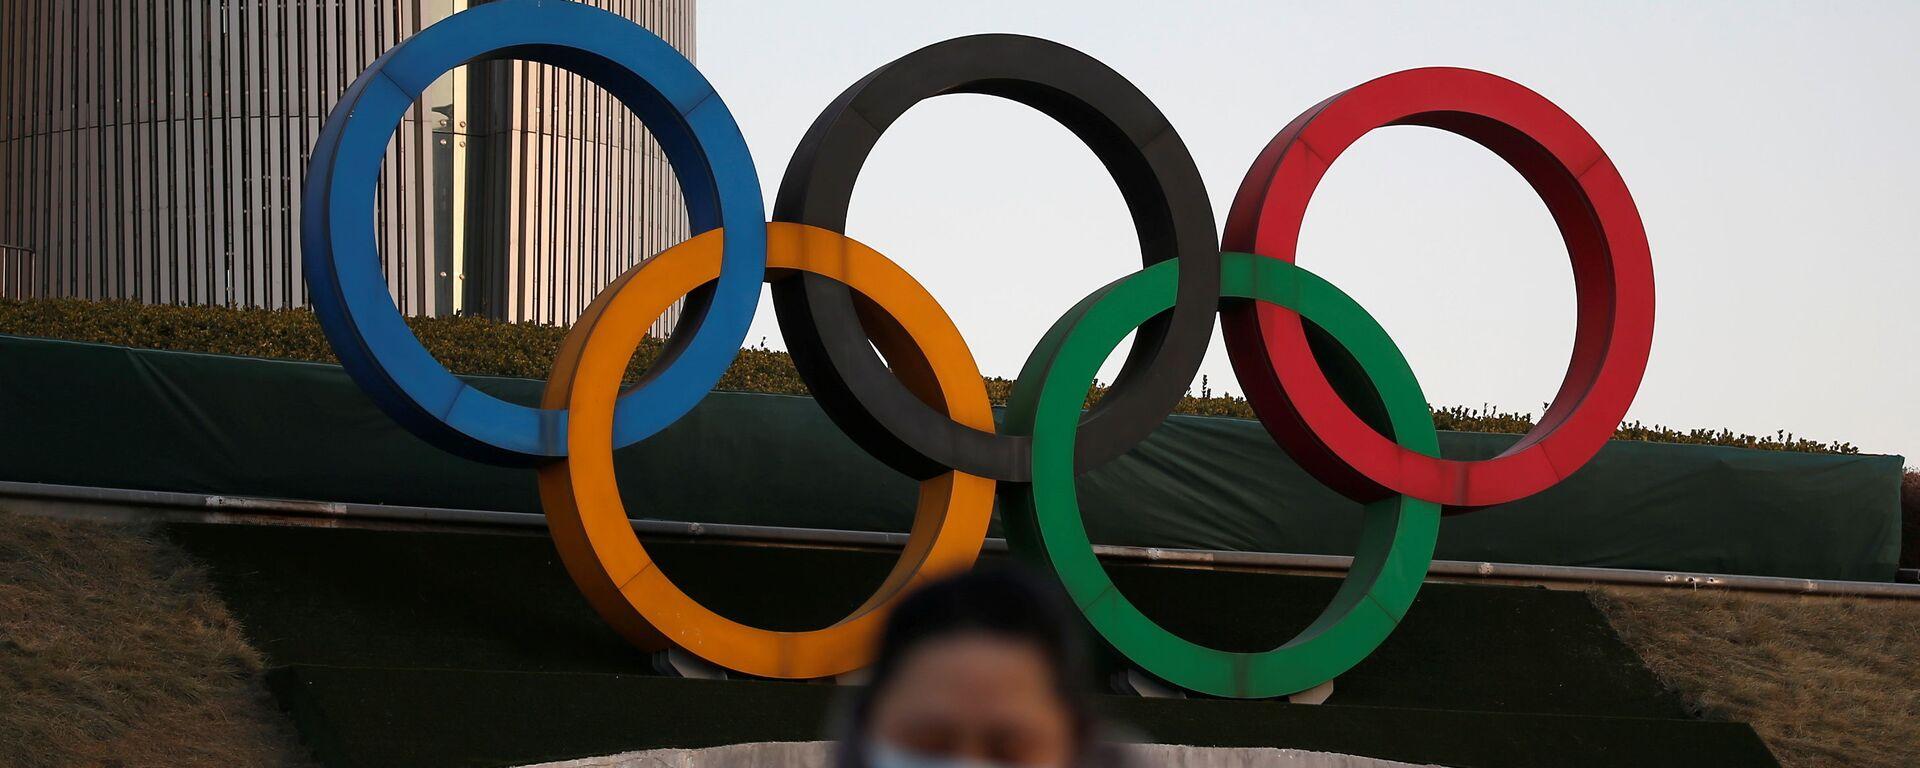 Anillos olímpicos - Sputnik Mundo, 1920, 08.02.2021